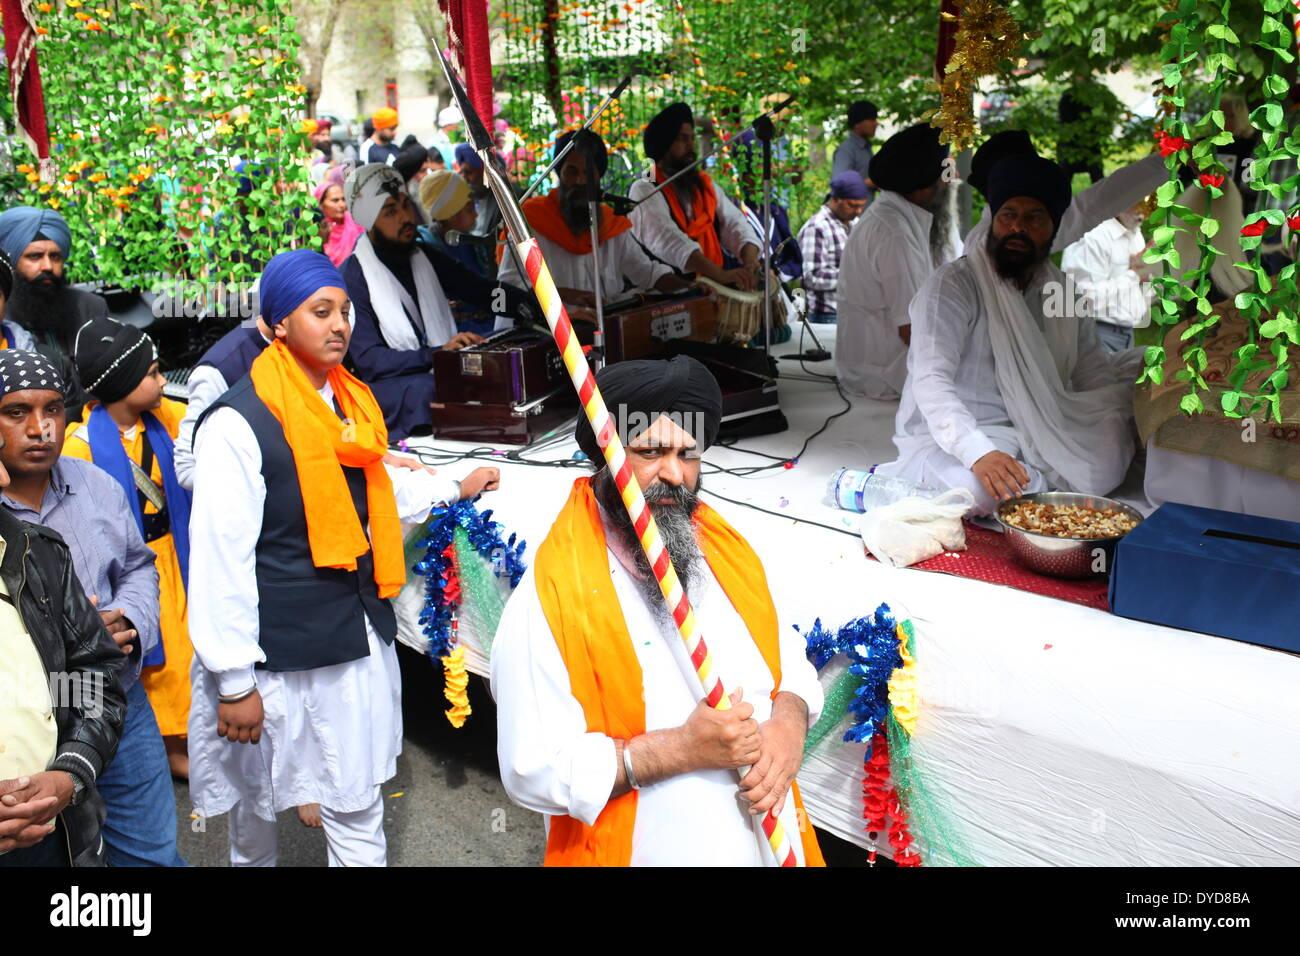 SAN GIOVANNI VALDARNO, Toscana, Italia - 13 April, 2014. NagarKirtan, Indiano processione religiosa ha celebrato Foto Stock